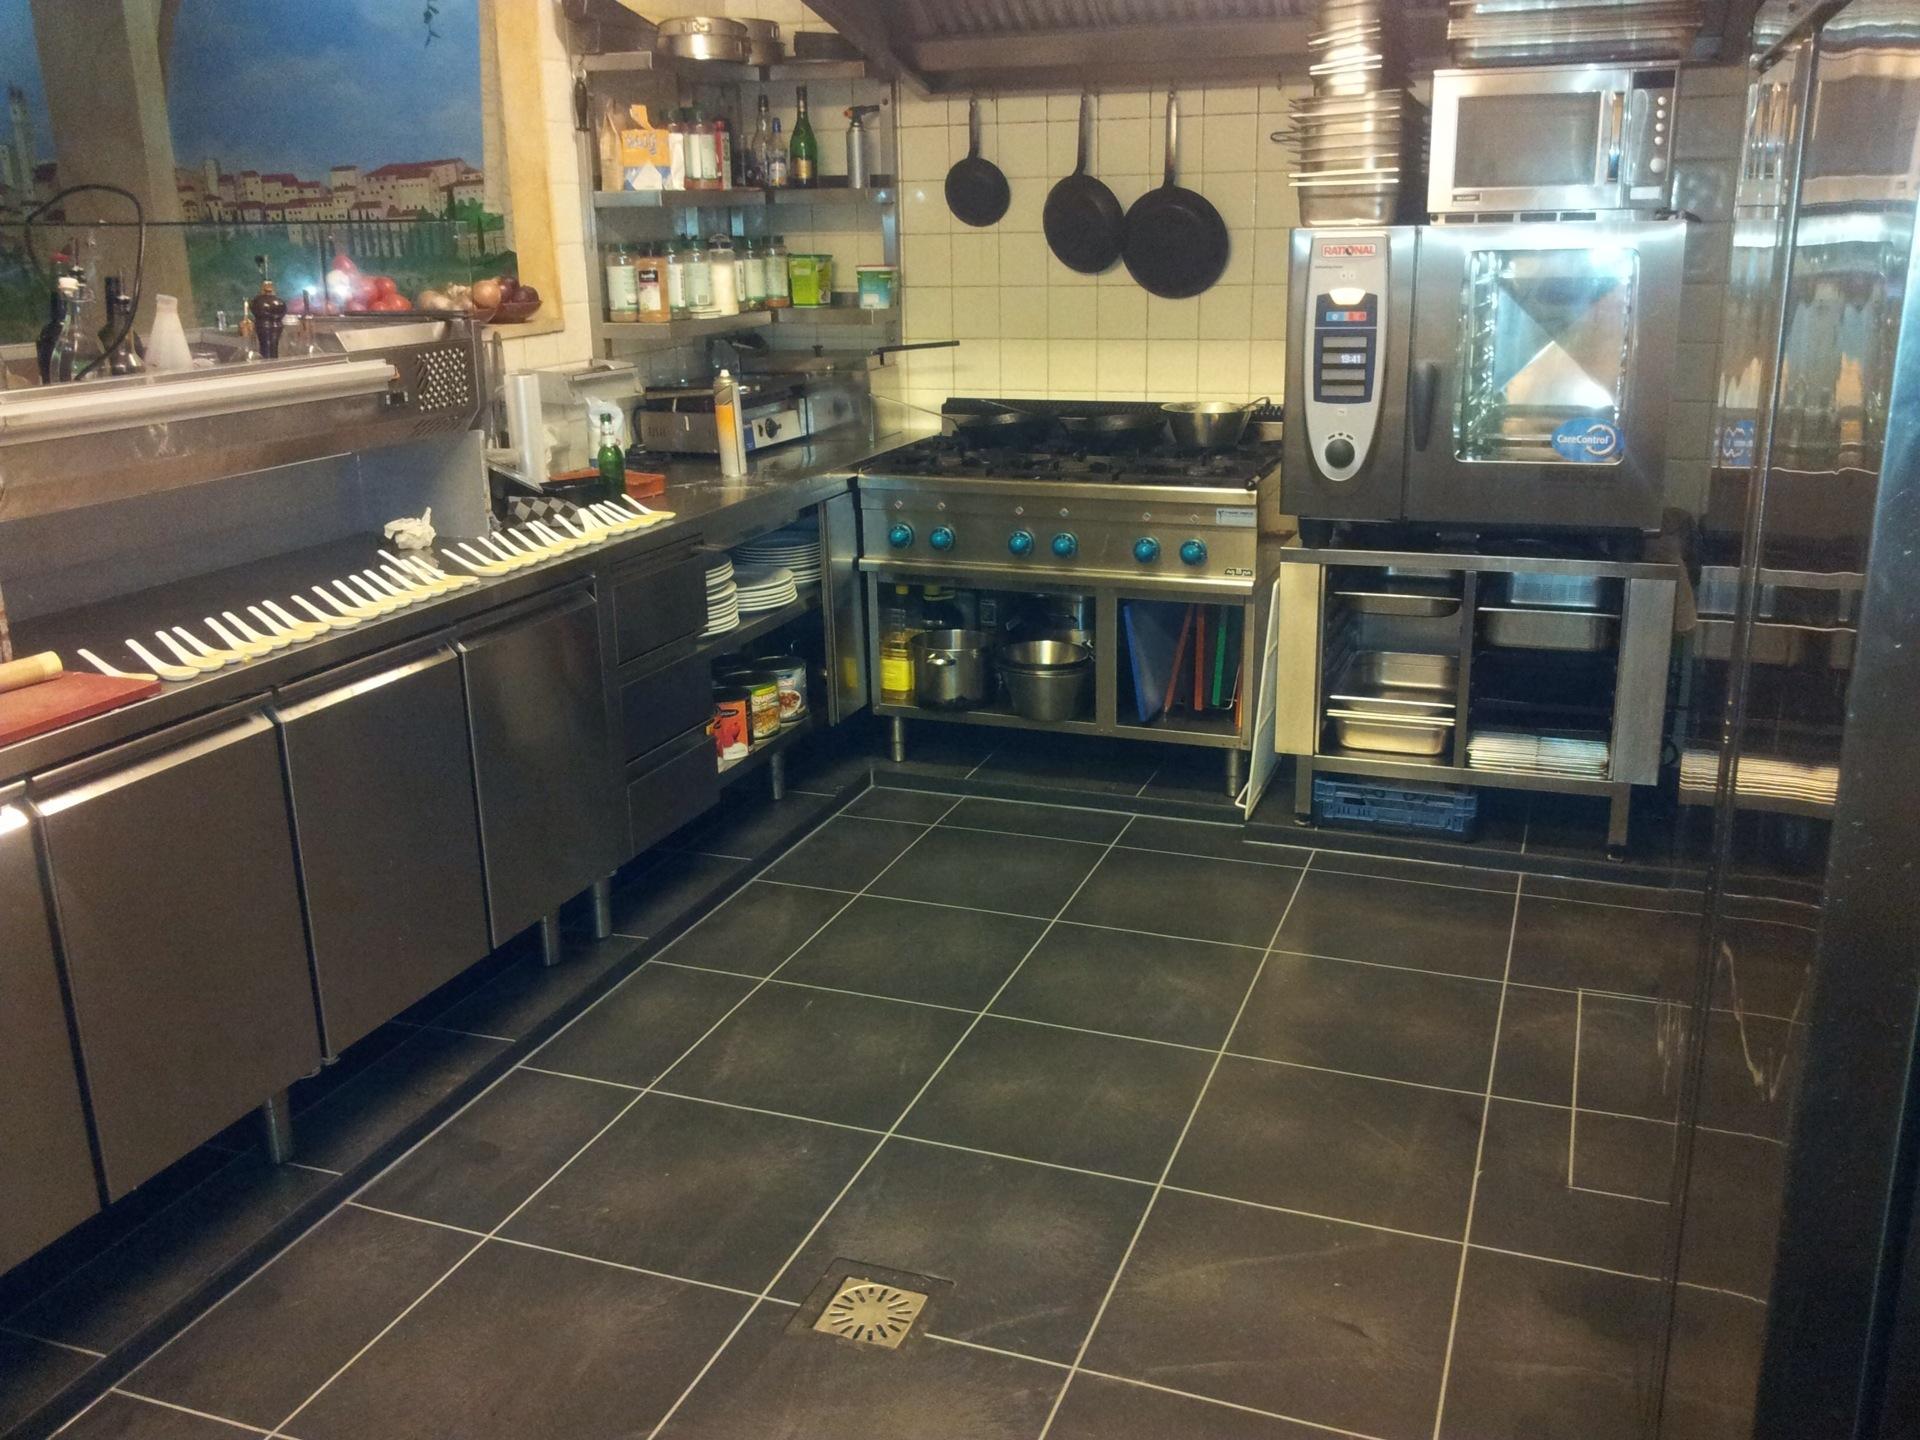 Bedrijfsvloeren uitgevoerd met pvc vloertegels - Vinyl vloer voor keuken ...